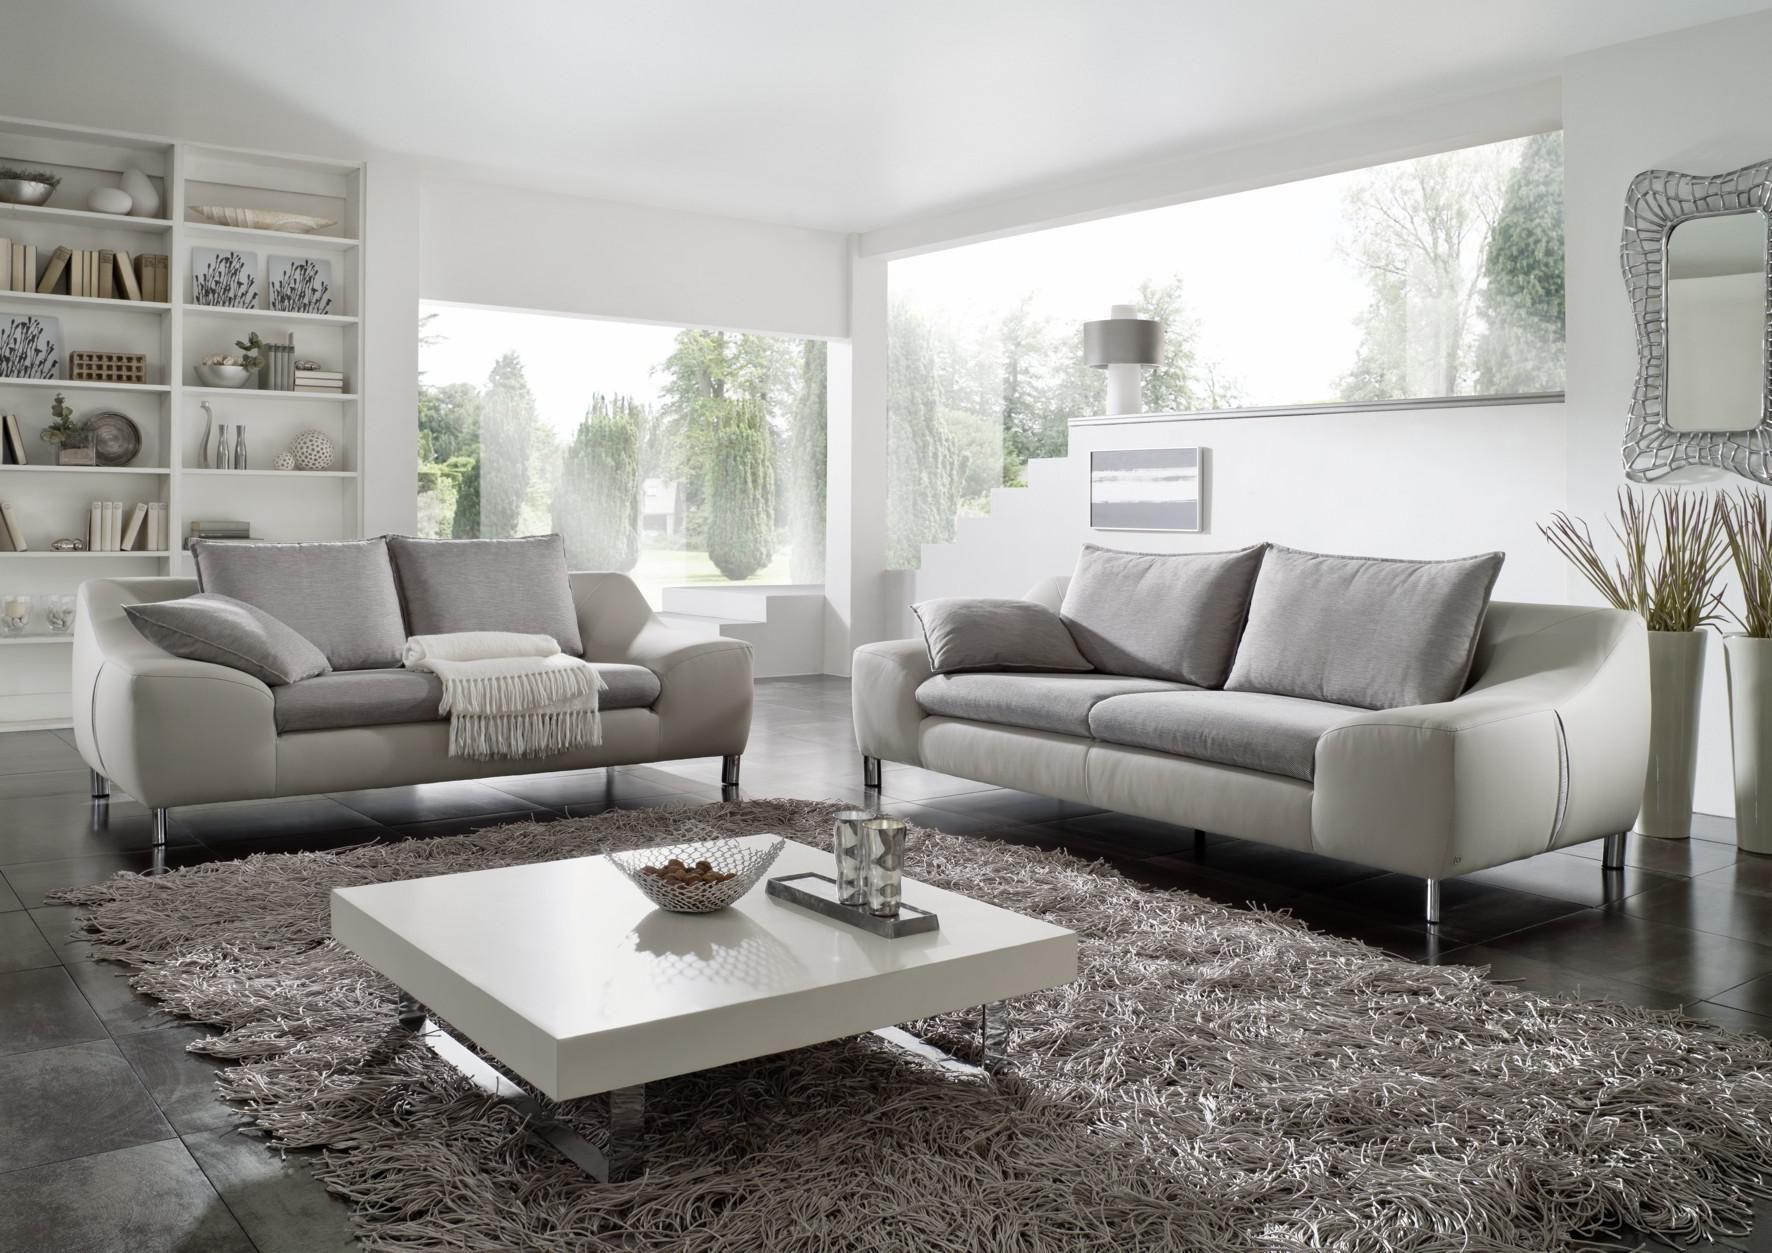 Wohnzimmer Beige Grau  ragopigeinfo